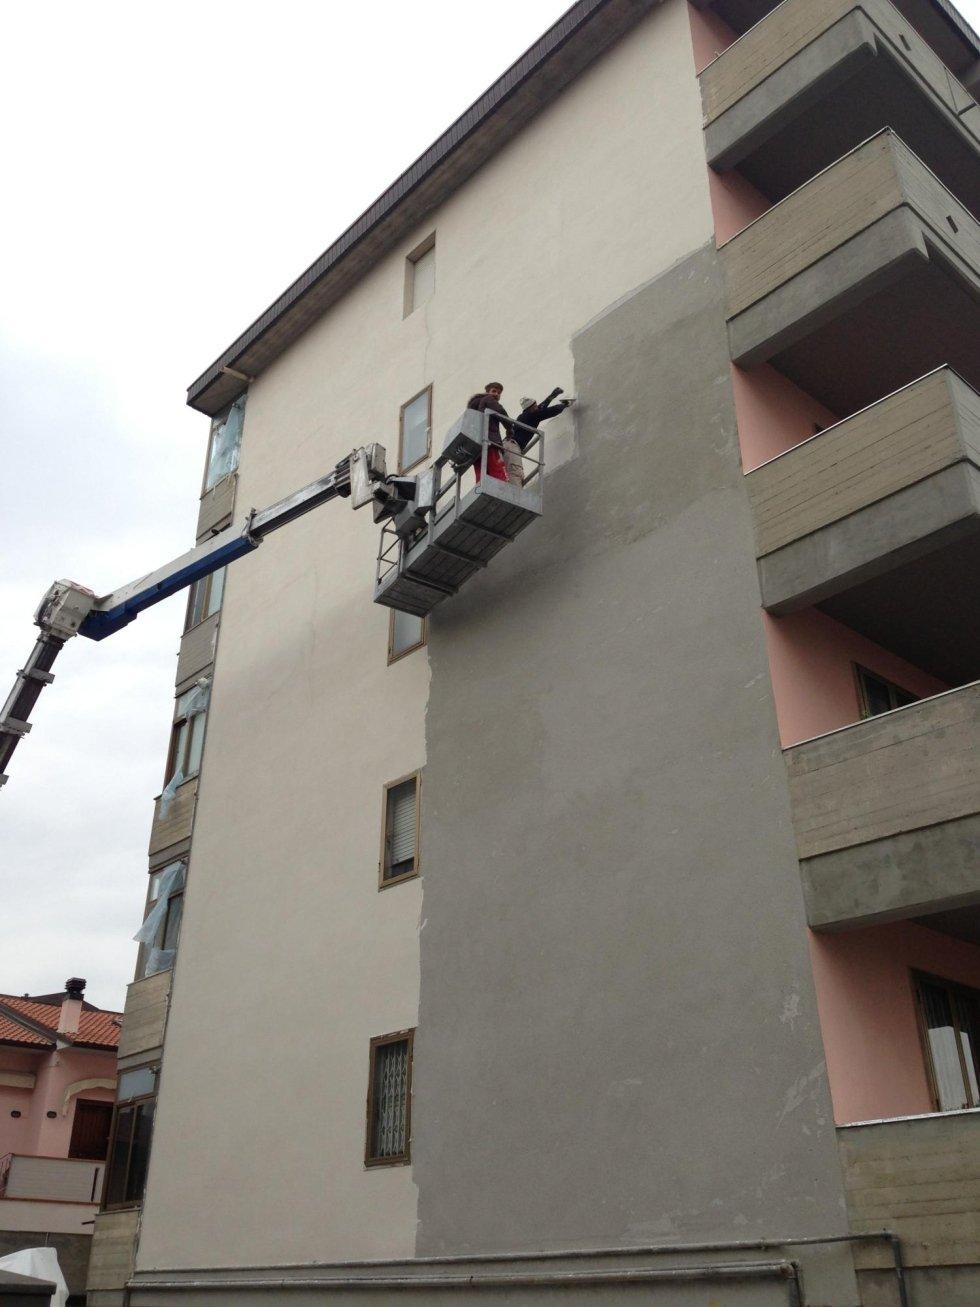 Intervento per rifacimento facciata con piattaforma aerea